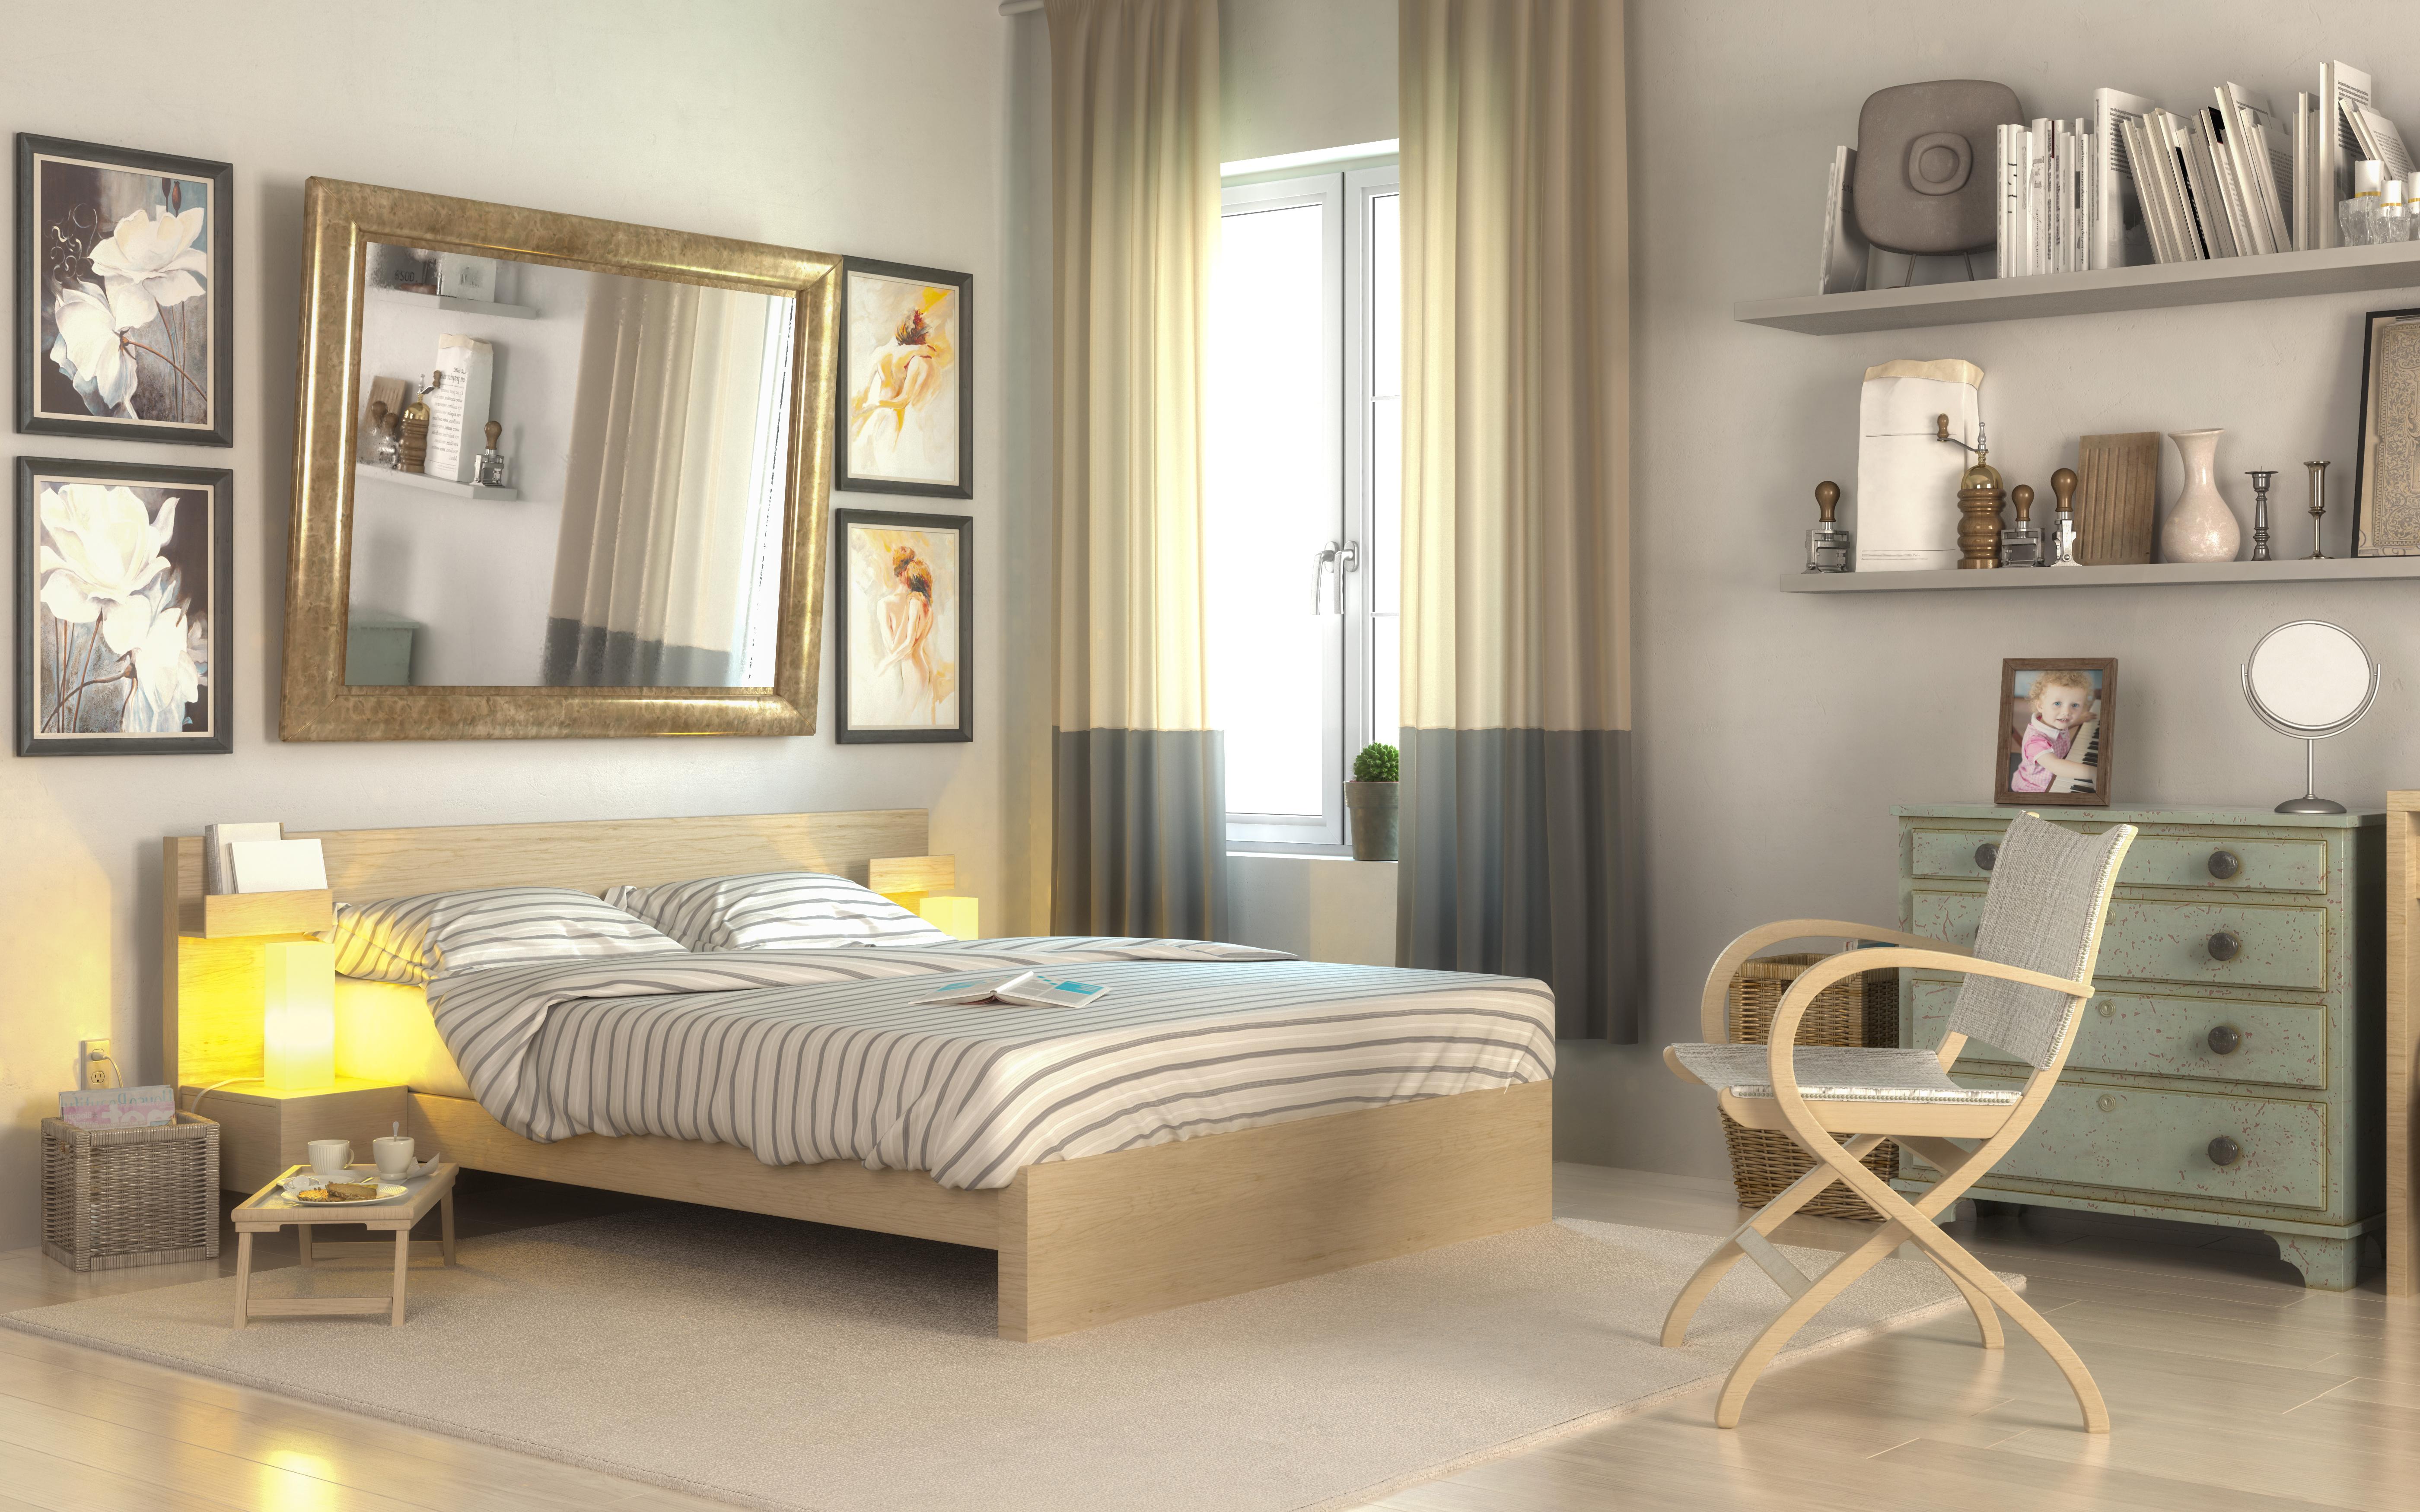 Schrank kleines schlafzimmer